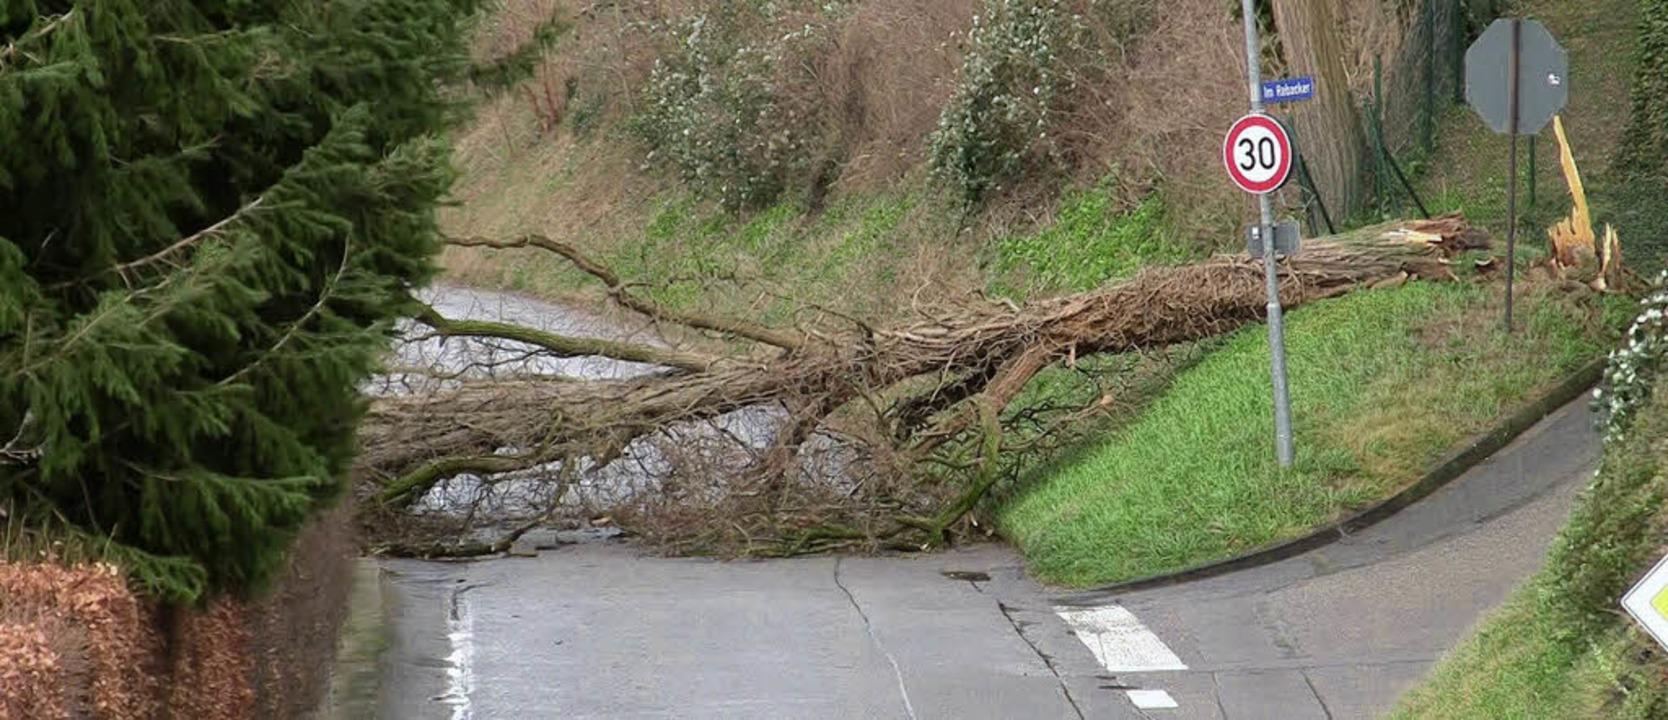 Dieser Baum in der Mahlberger Straße in Atdorf hielt Joachim nicht stand.    Foto: Sandra Decoux-Kone